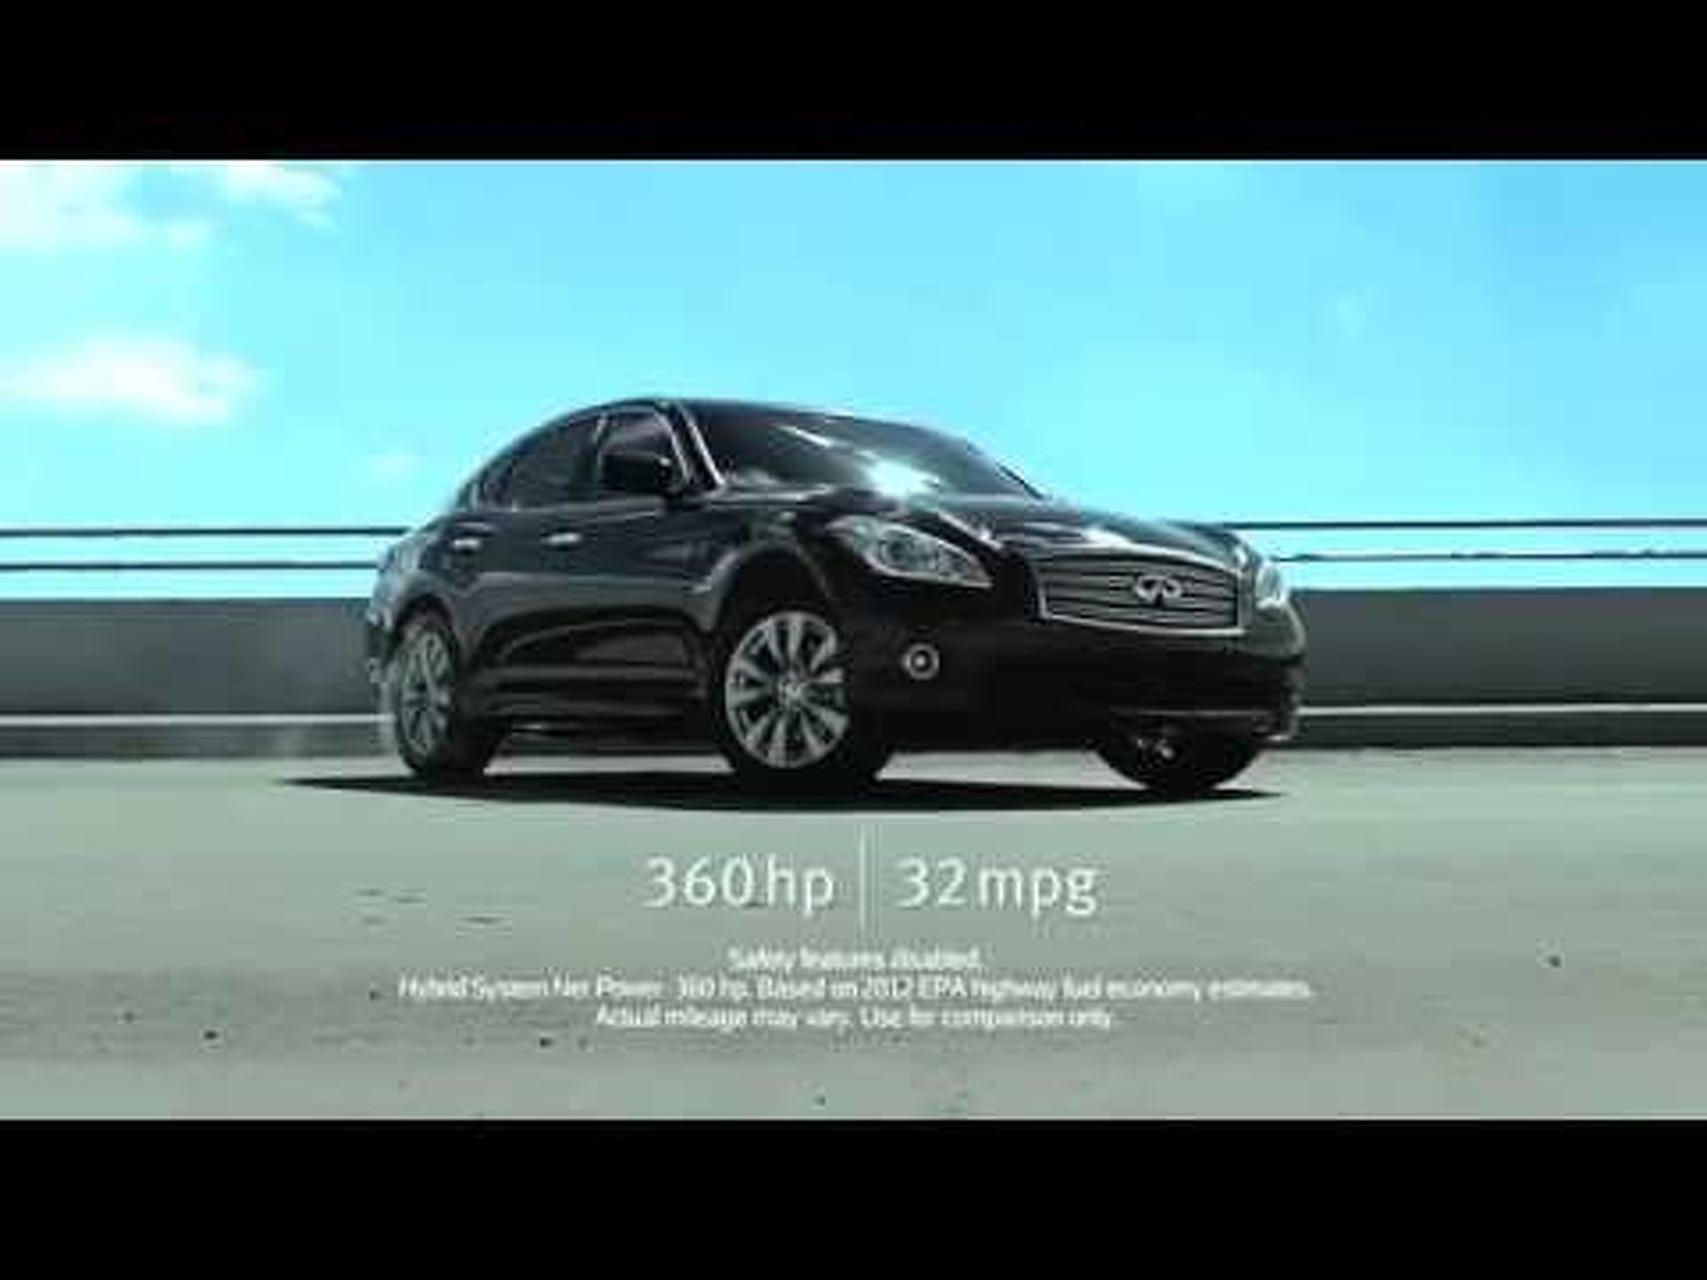 Infiniti M Hybrid Commercial